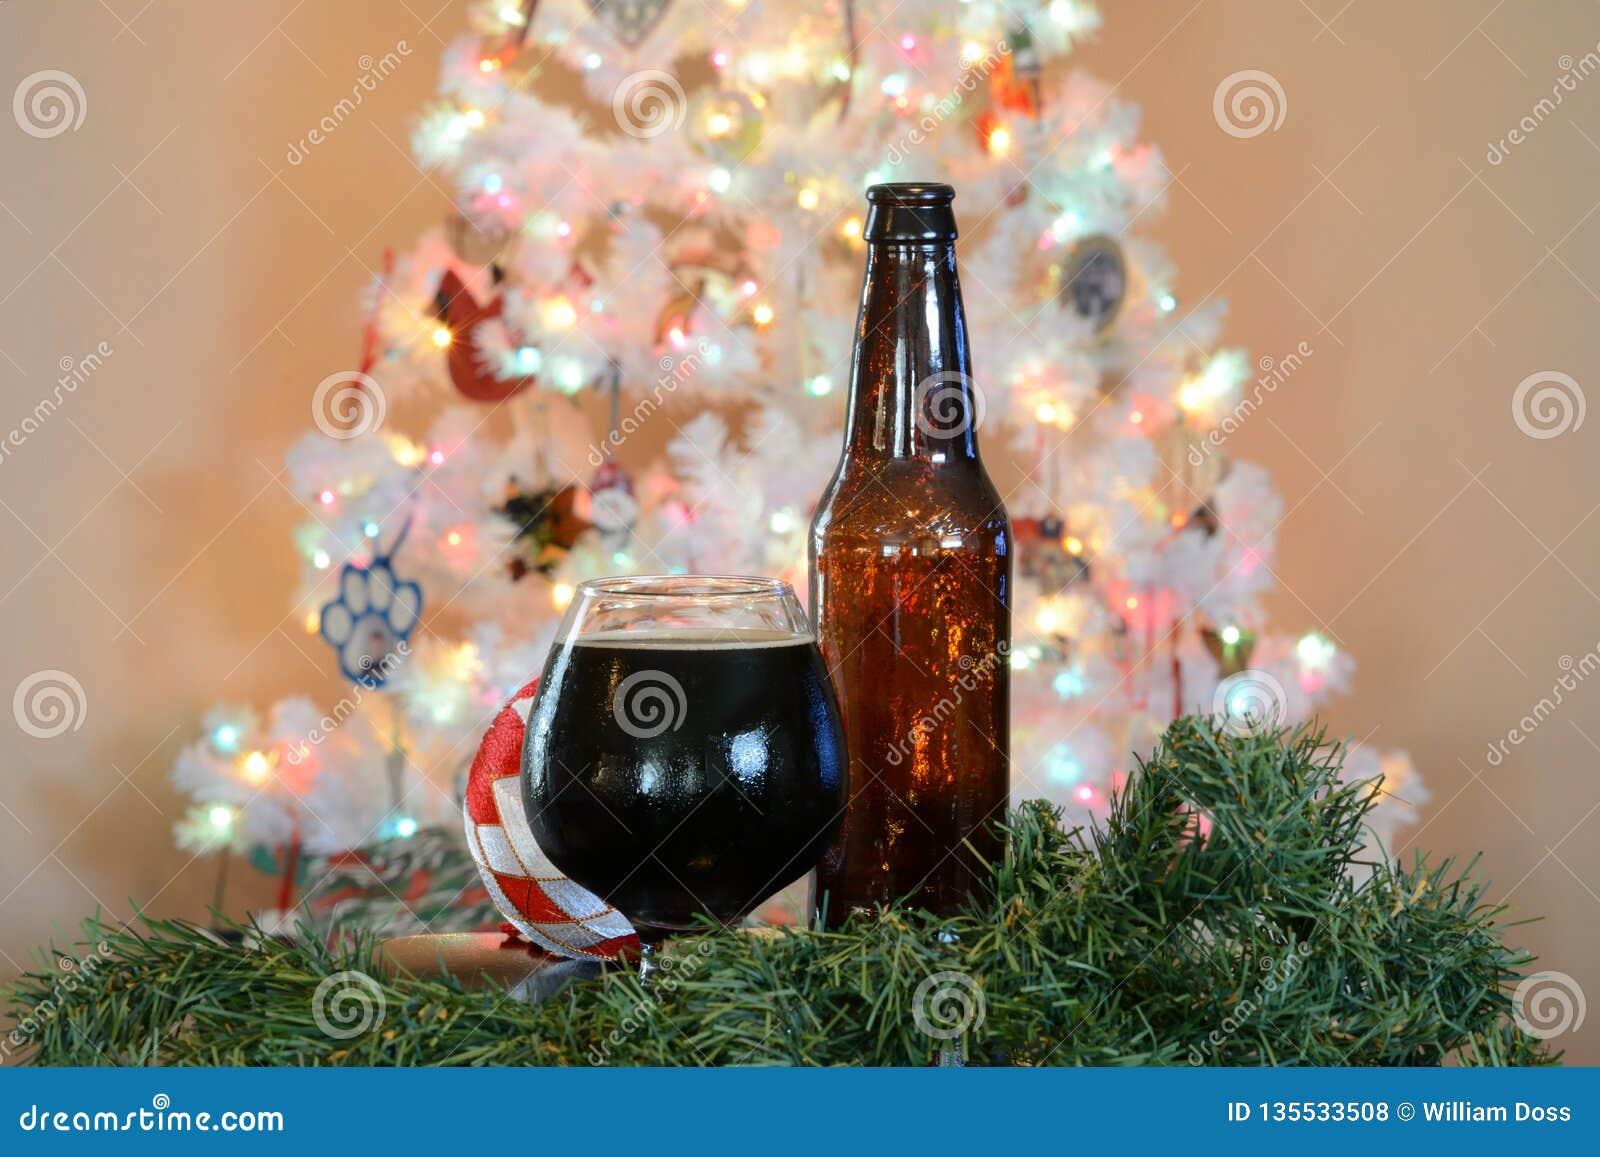 Glas bier voor witte Kerstboom met gekleurde lichten wordt gesteld dat